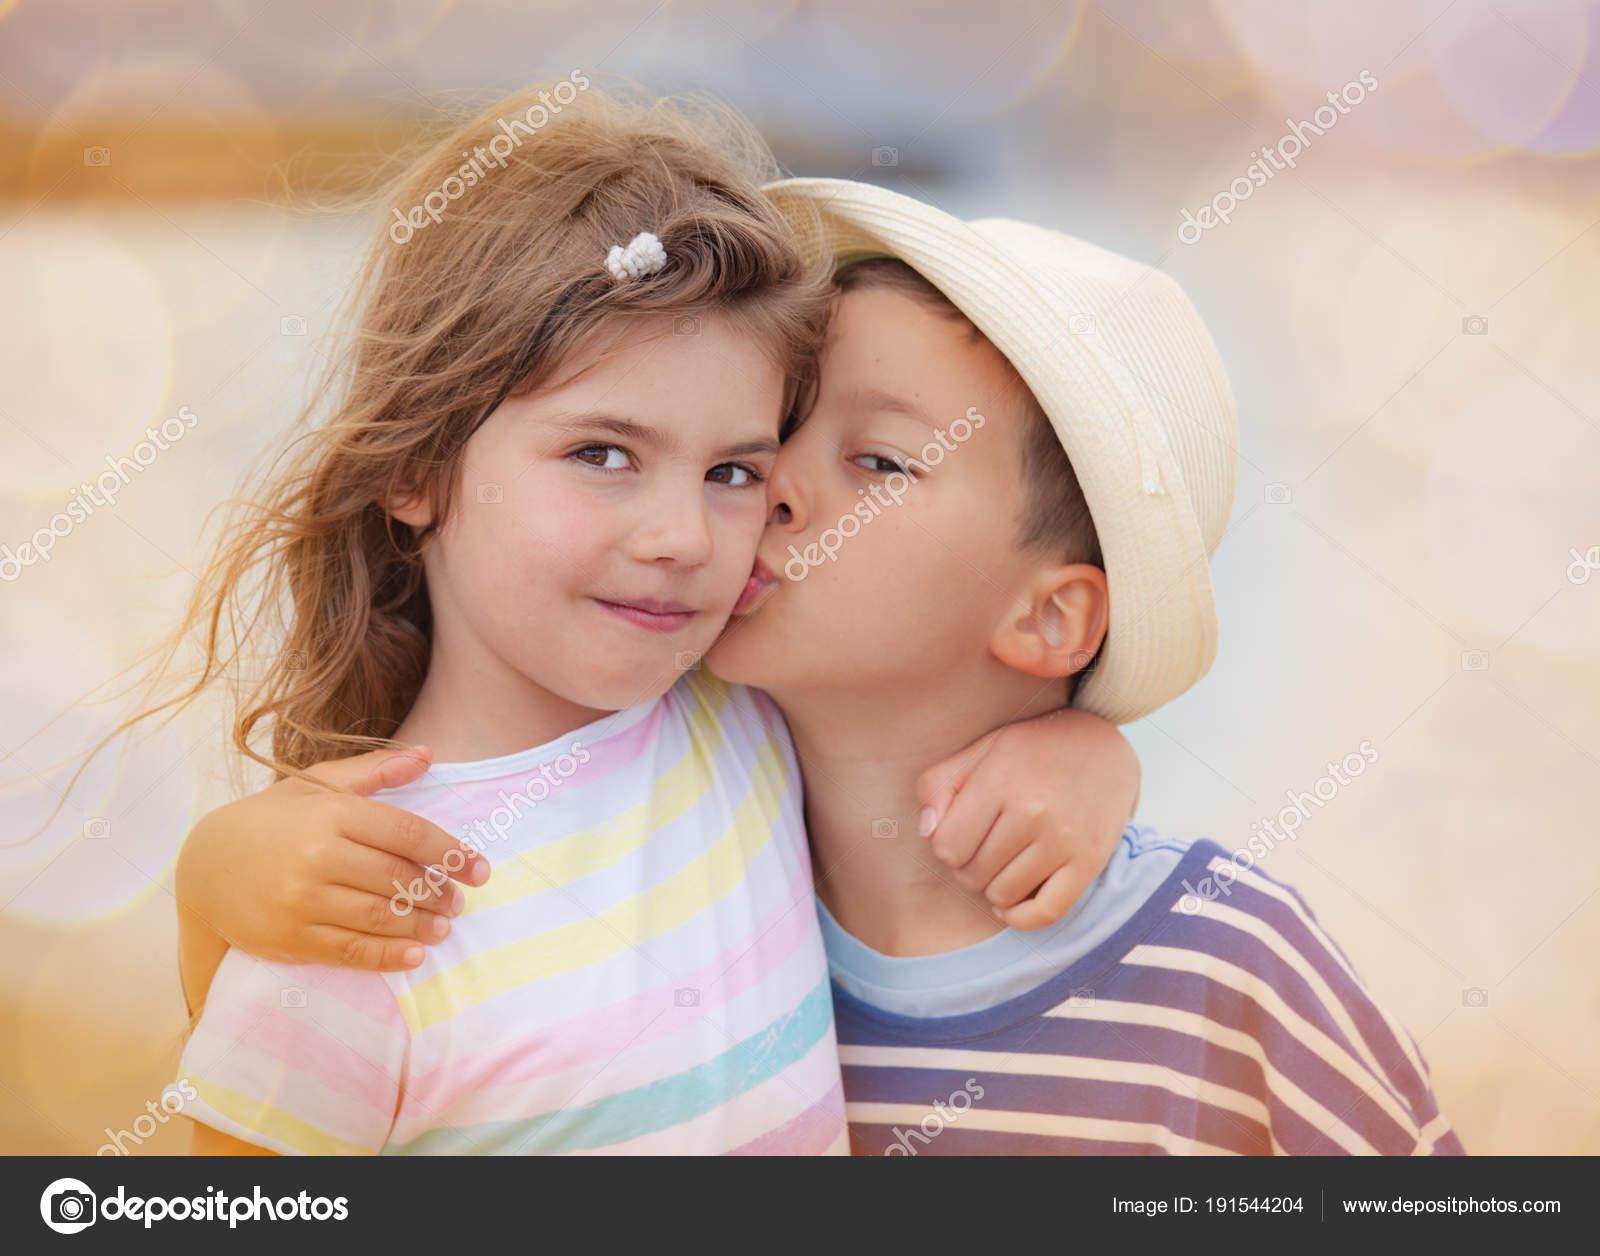 Русское брат кончил в сестру, Брат зашёл к сестре))) смотреть онлайн видео брат 13 фотография